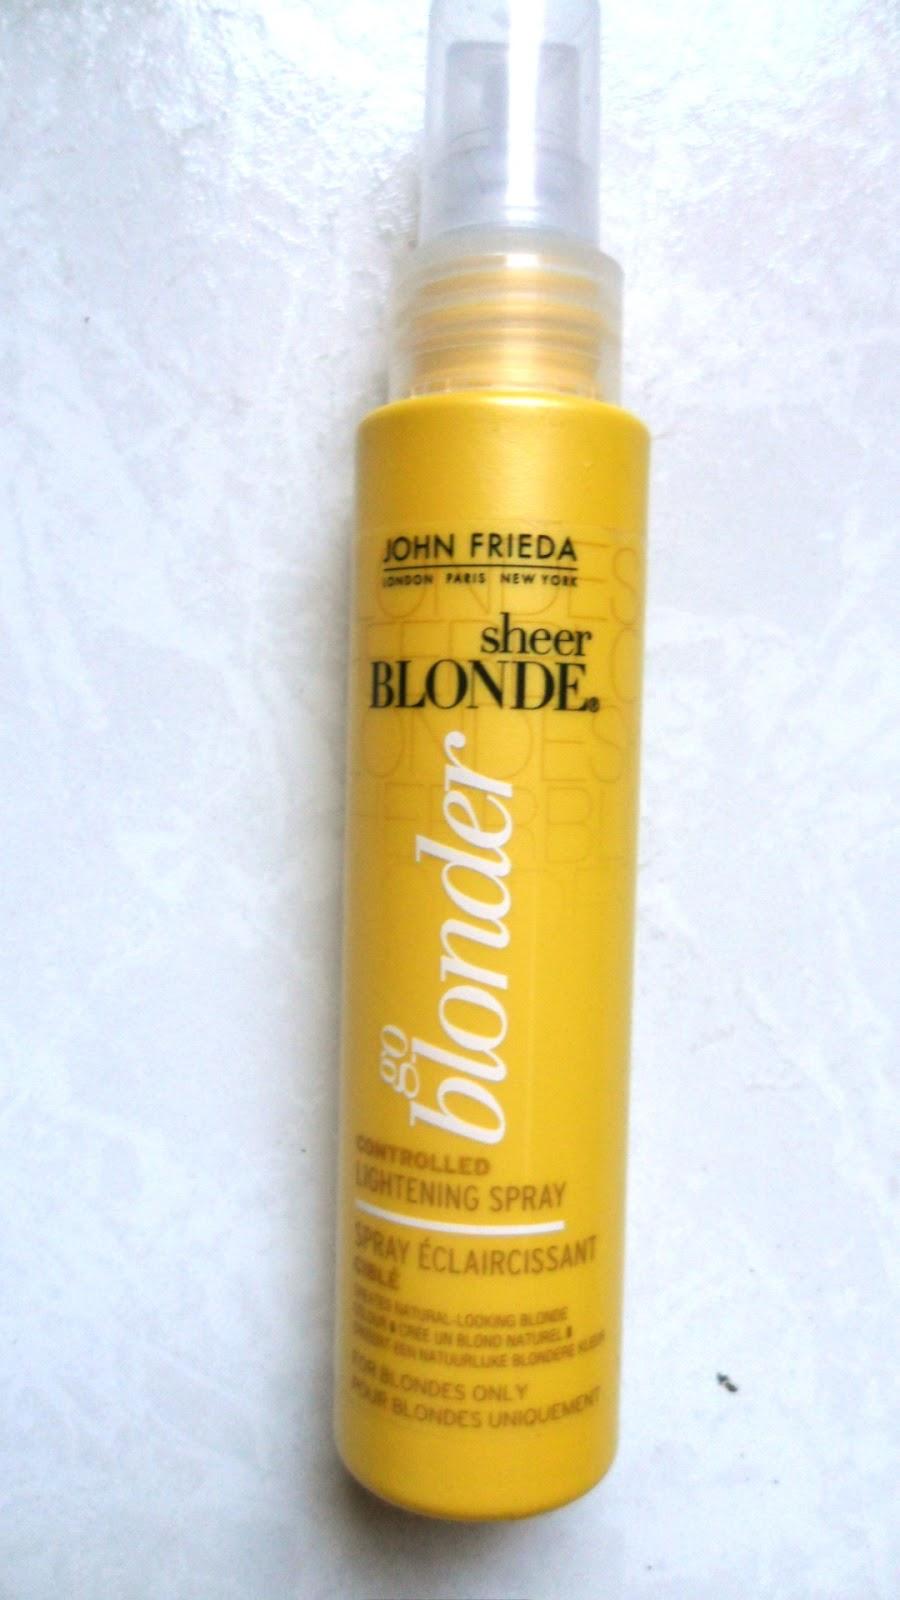 dites moi ce que vous en pensez a mintresse de connaitre votre avis - Spray Colorant Pour Cheveux